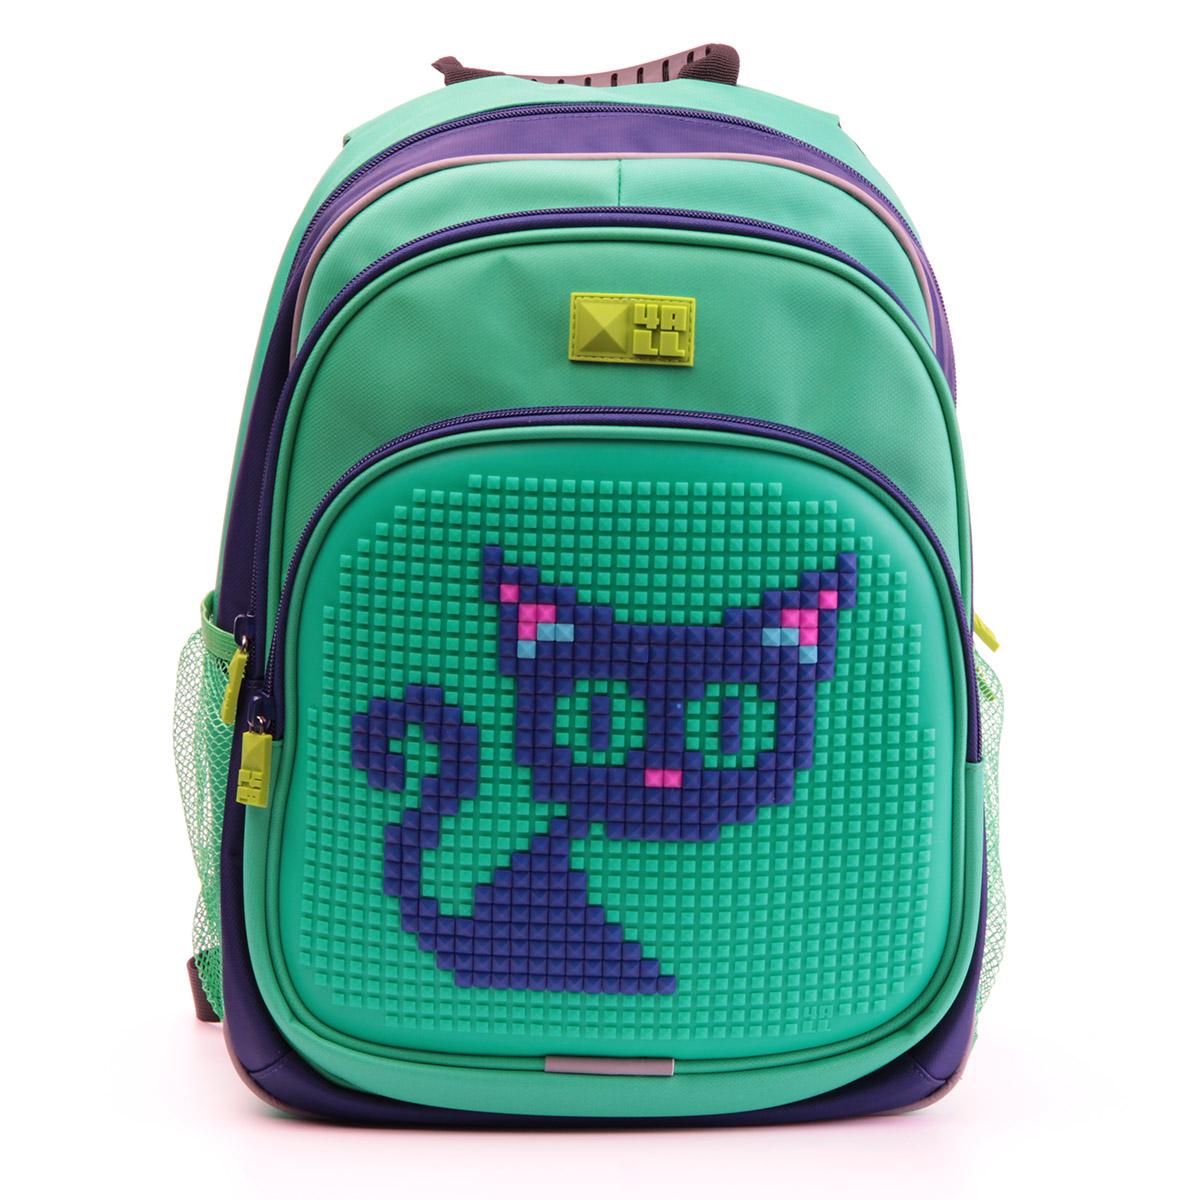 4ALL Рюкзак для мальчиков Kids цвет темно-синий зеленыйRT63-03NРюкзак бренда 4ALL - это одновременно яркий, функциональный школьный аксессуар и площадка для самовыражения. Заботясь о Вашем комфорте, удобстве и творческом развитии Ваших детей, мы создали уникальные рюкзаки KIDS с силиконовой панелью и разноцветные мозаичные БИТЫ с помощью которых на рюкзаке можно создавать графические шедевры хоть каждый день! Особенности: AIR COMFORT system: - Система свободной циркуляции воздуха между задней стенкой рюкзака и спиной ребенка. ERGO system: - Разработанная нами система ERGO служит равномерному распределению нагрузки на спину ребенка. Она способна сделать рюкзак, наполненный учебниками, легким. ERGO служит сохранению правильной осанки и заботится о здоровье позвоночника! Ортопедическая спина: - Важное свойство наших рюкзаков - ортопедическая спина! Способна как корсет поддерживать позвоночник, правильно распределяя нагрузку. А также: - Гипоаллергенный силикон; - Водоотталкивающие материалы; - Устойчивость всех материалов к температурам воздуха...